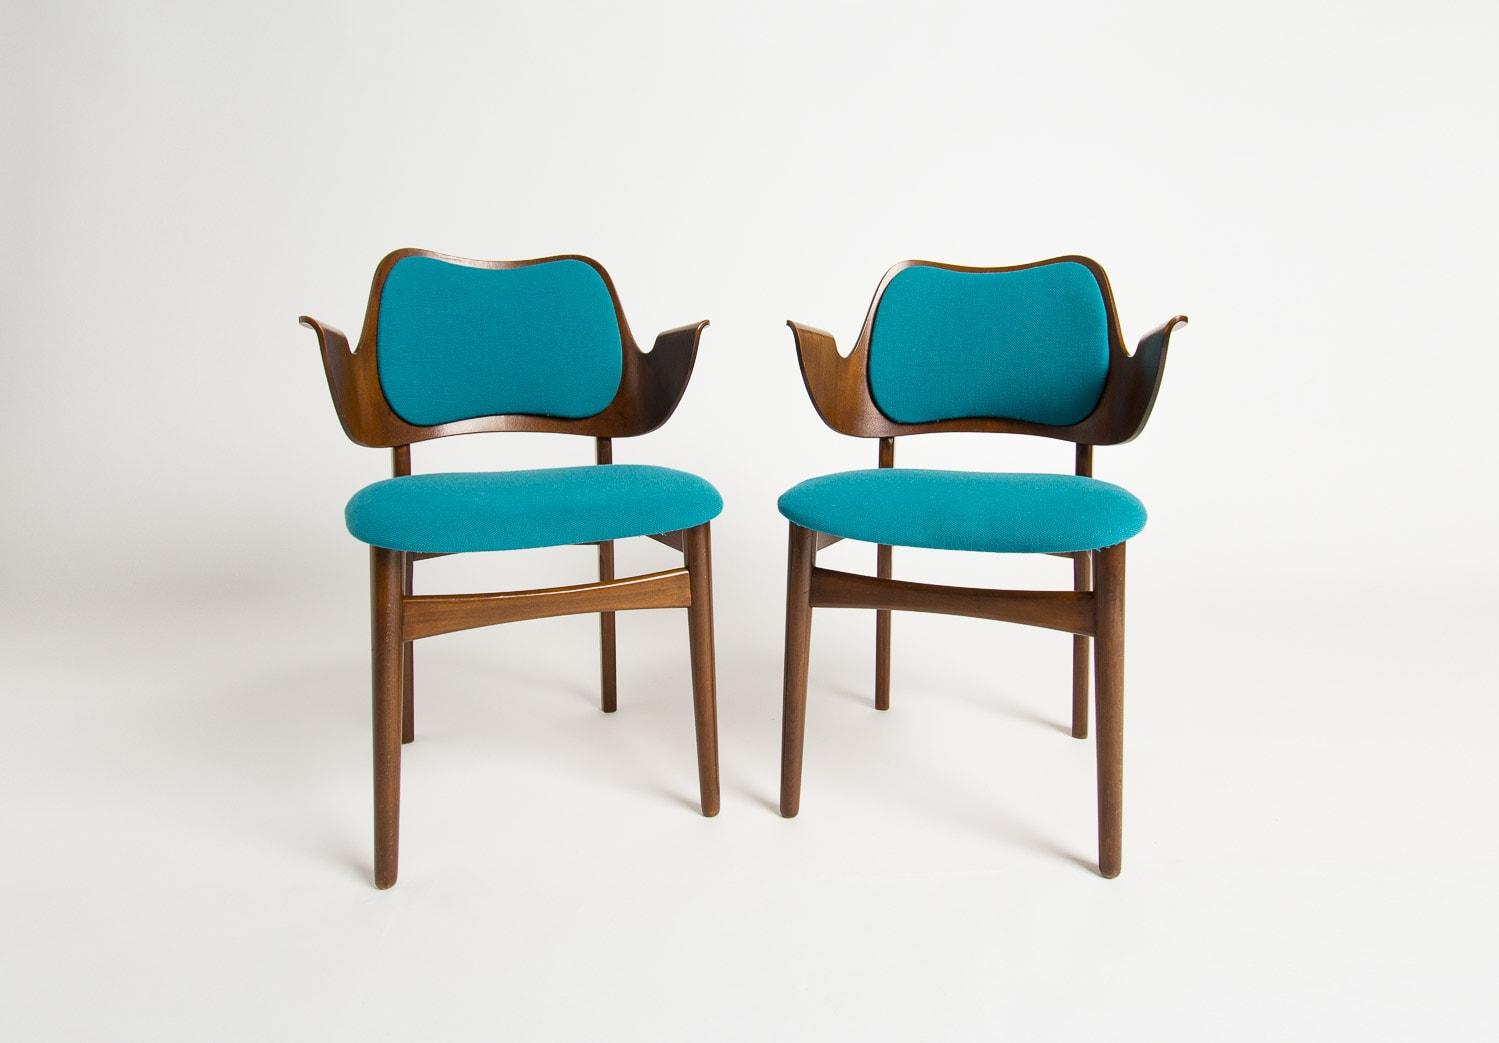 Danish furniture hans olsen shell chair mid century design UK